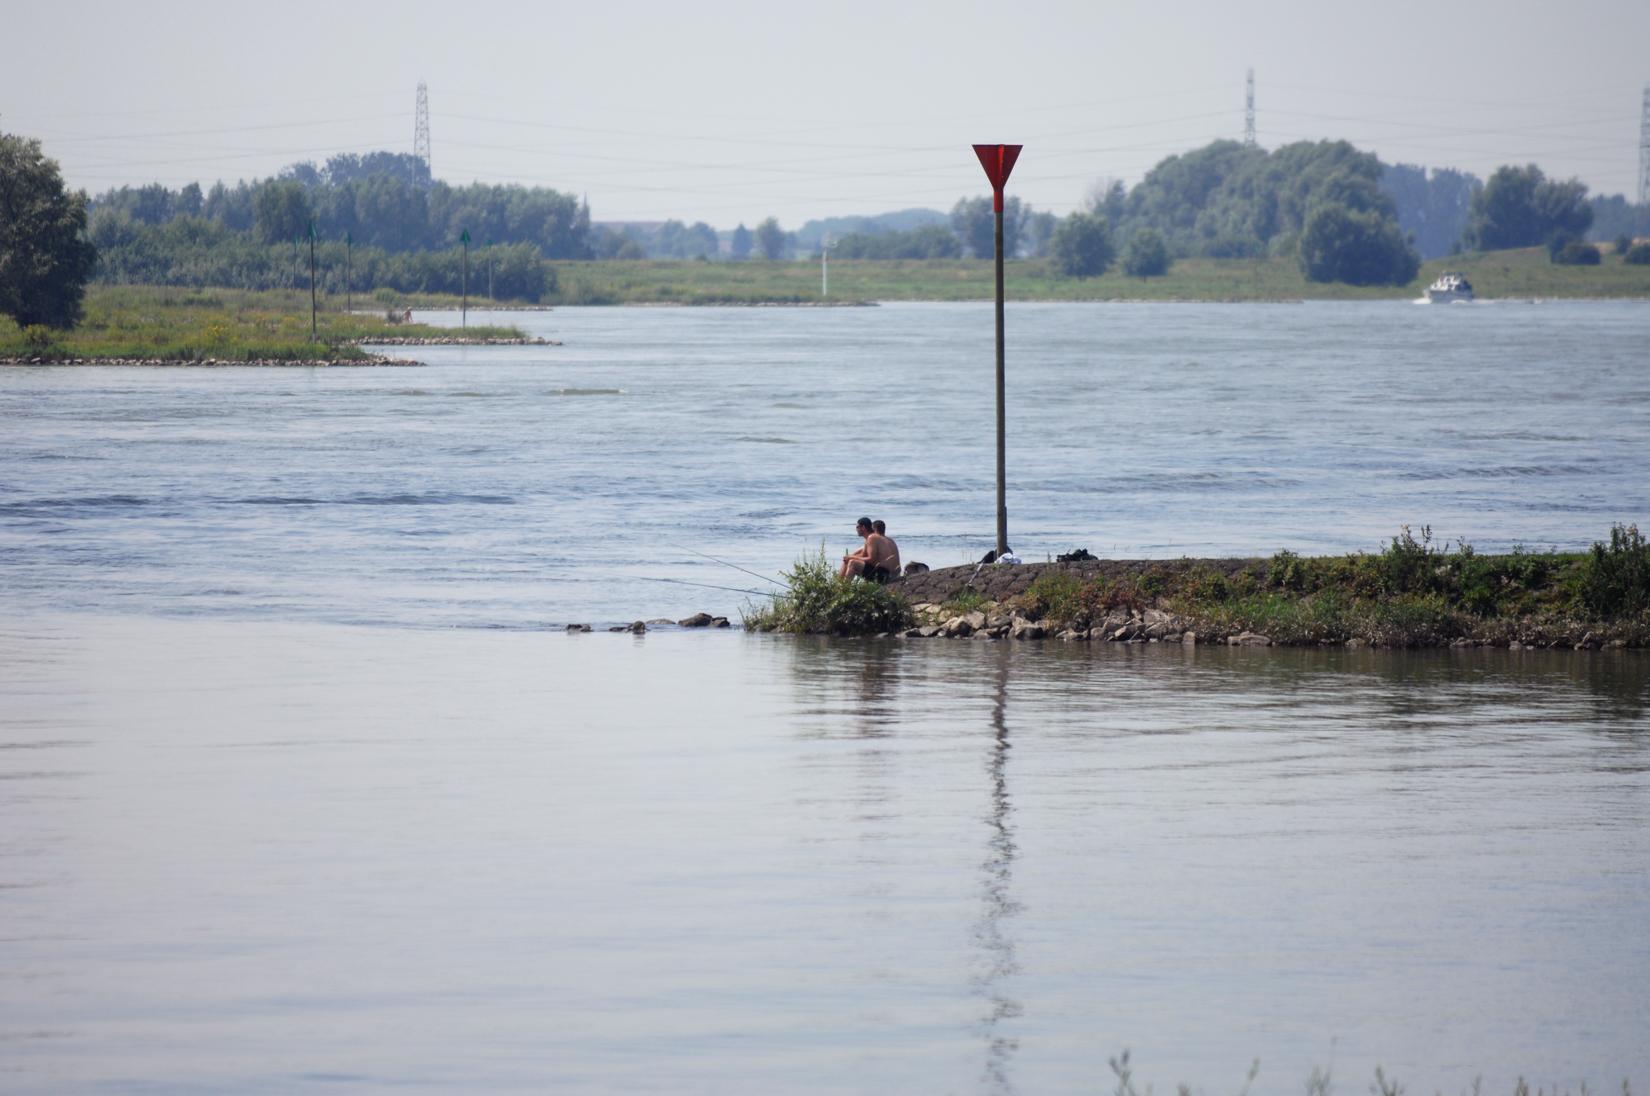 Foto: Beelbank Rijkswaterstaat, Con Mönnich